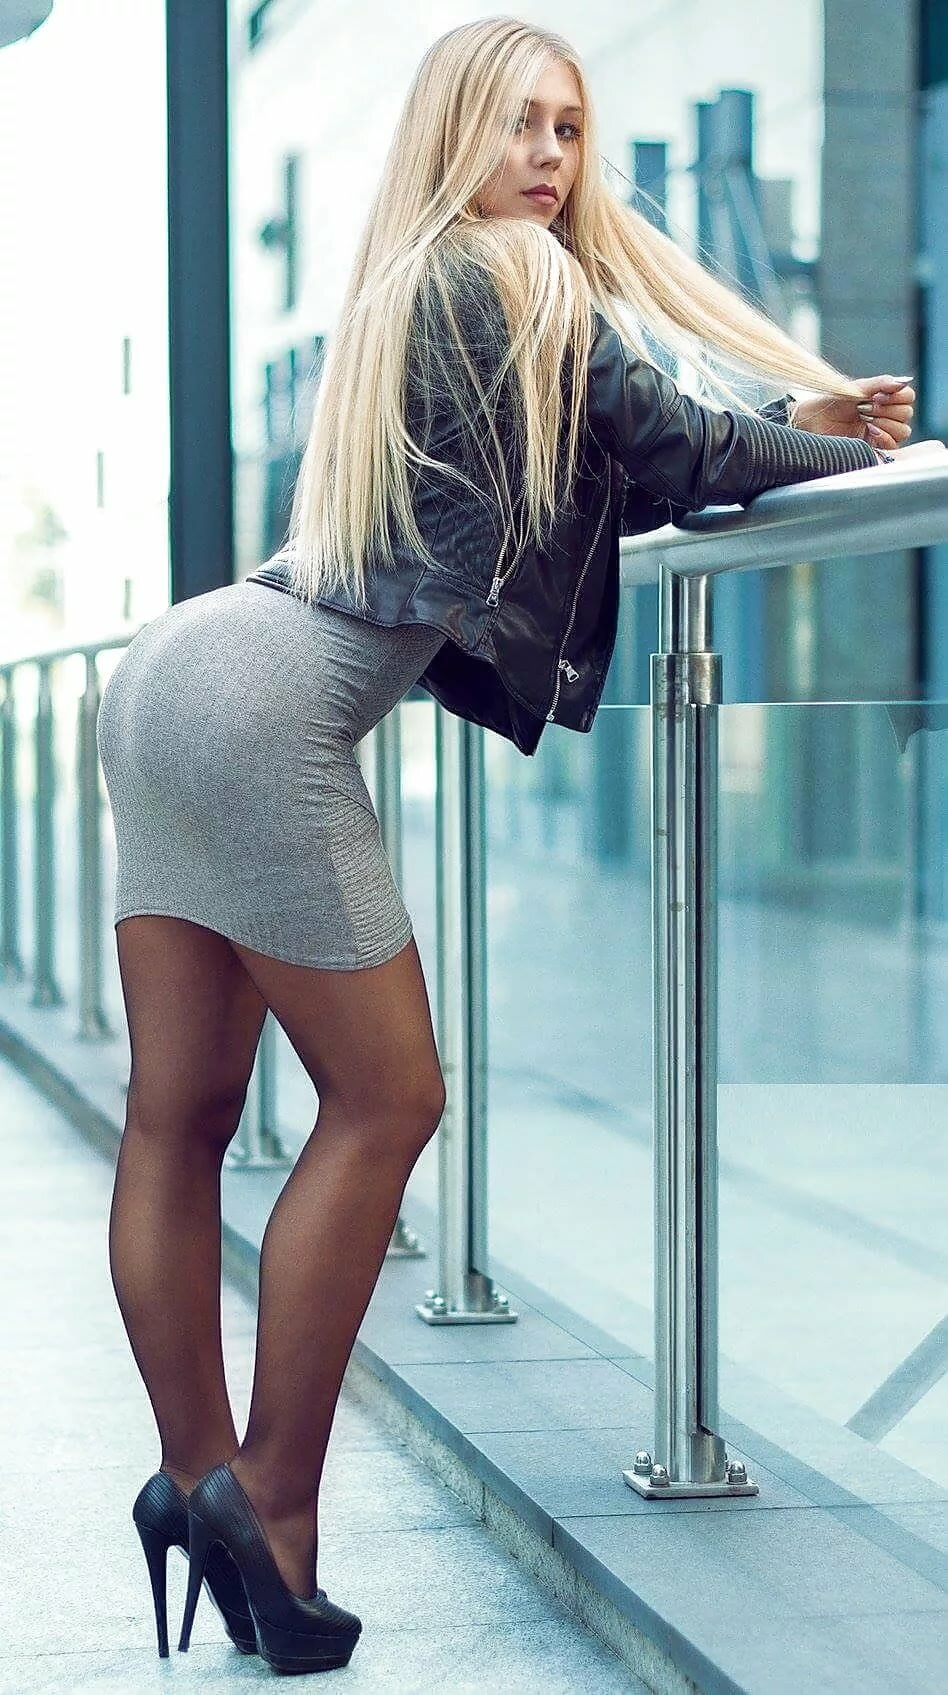 блондинка в коротком облегающем платье и в колготках раб жесткое